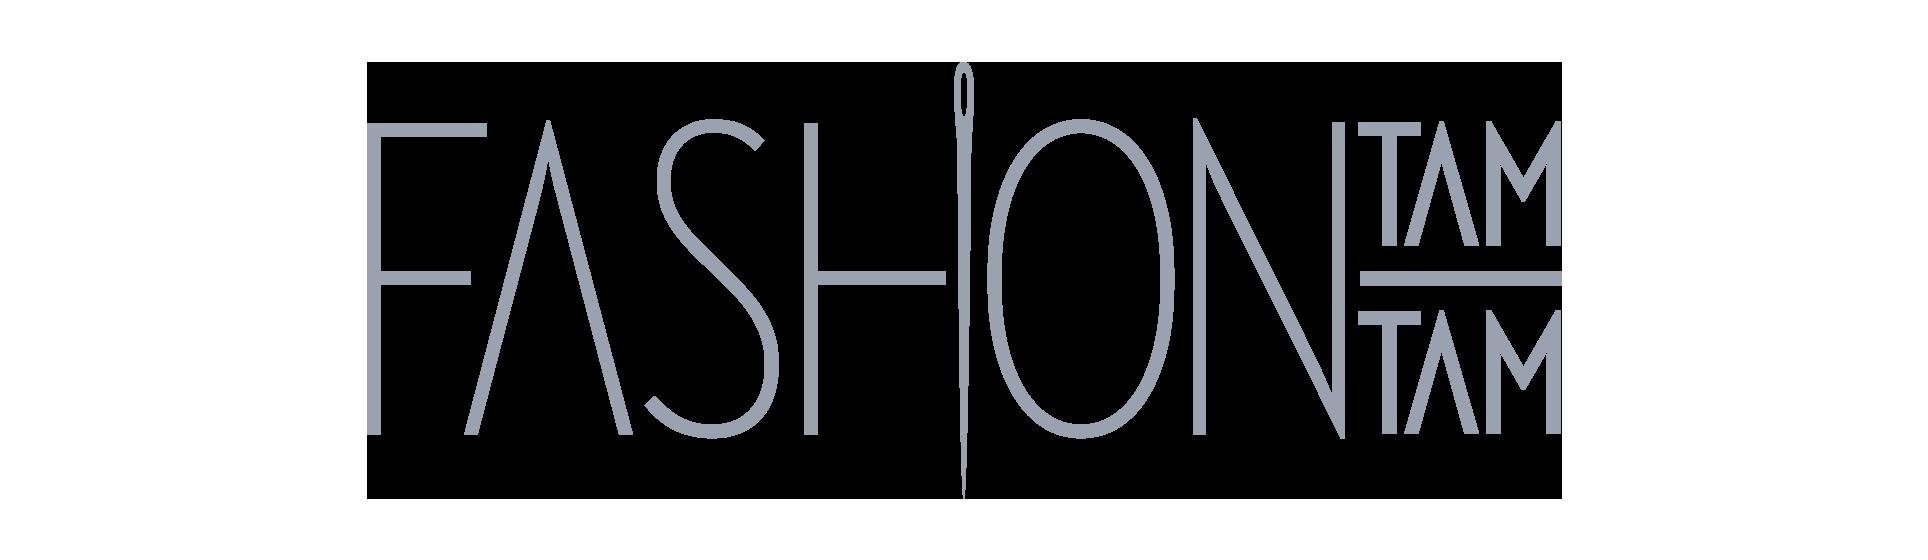 fashiontamtam.com